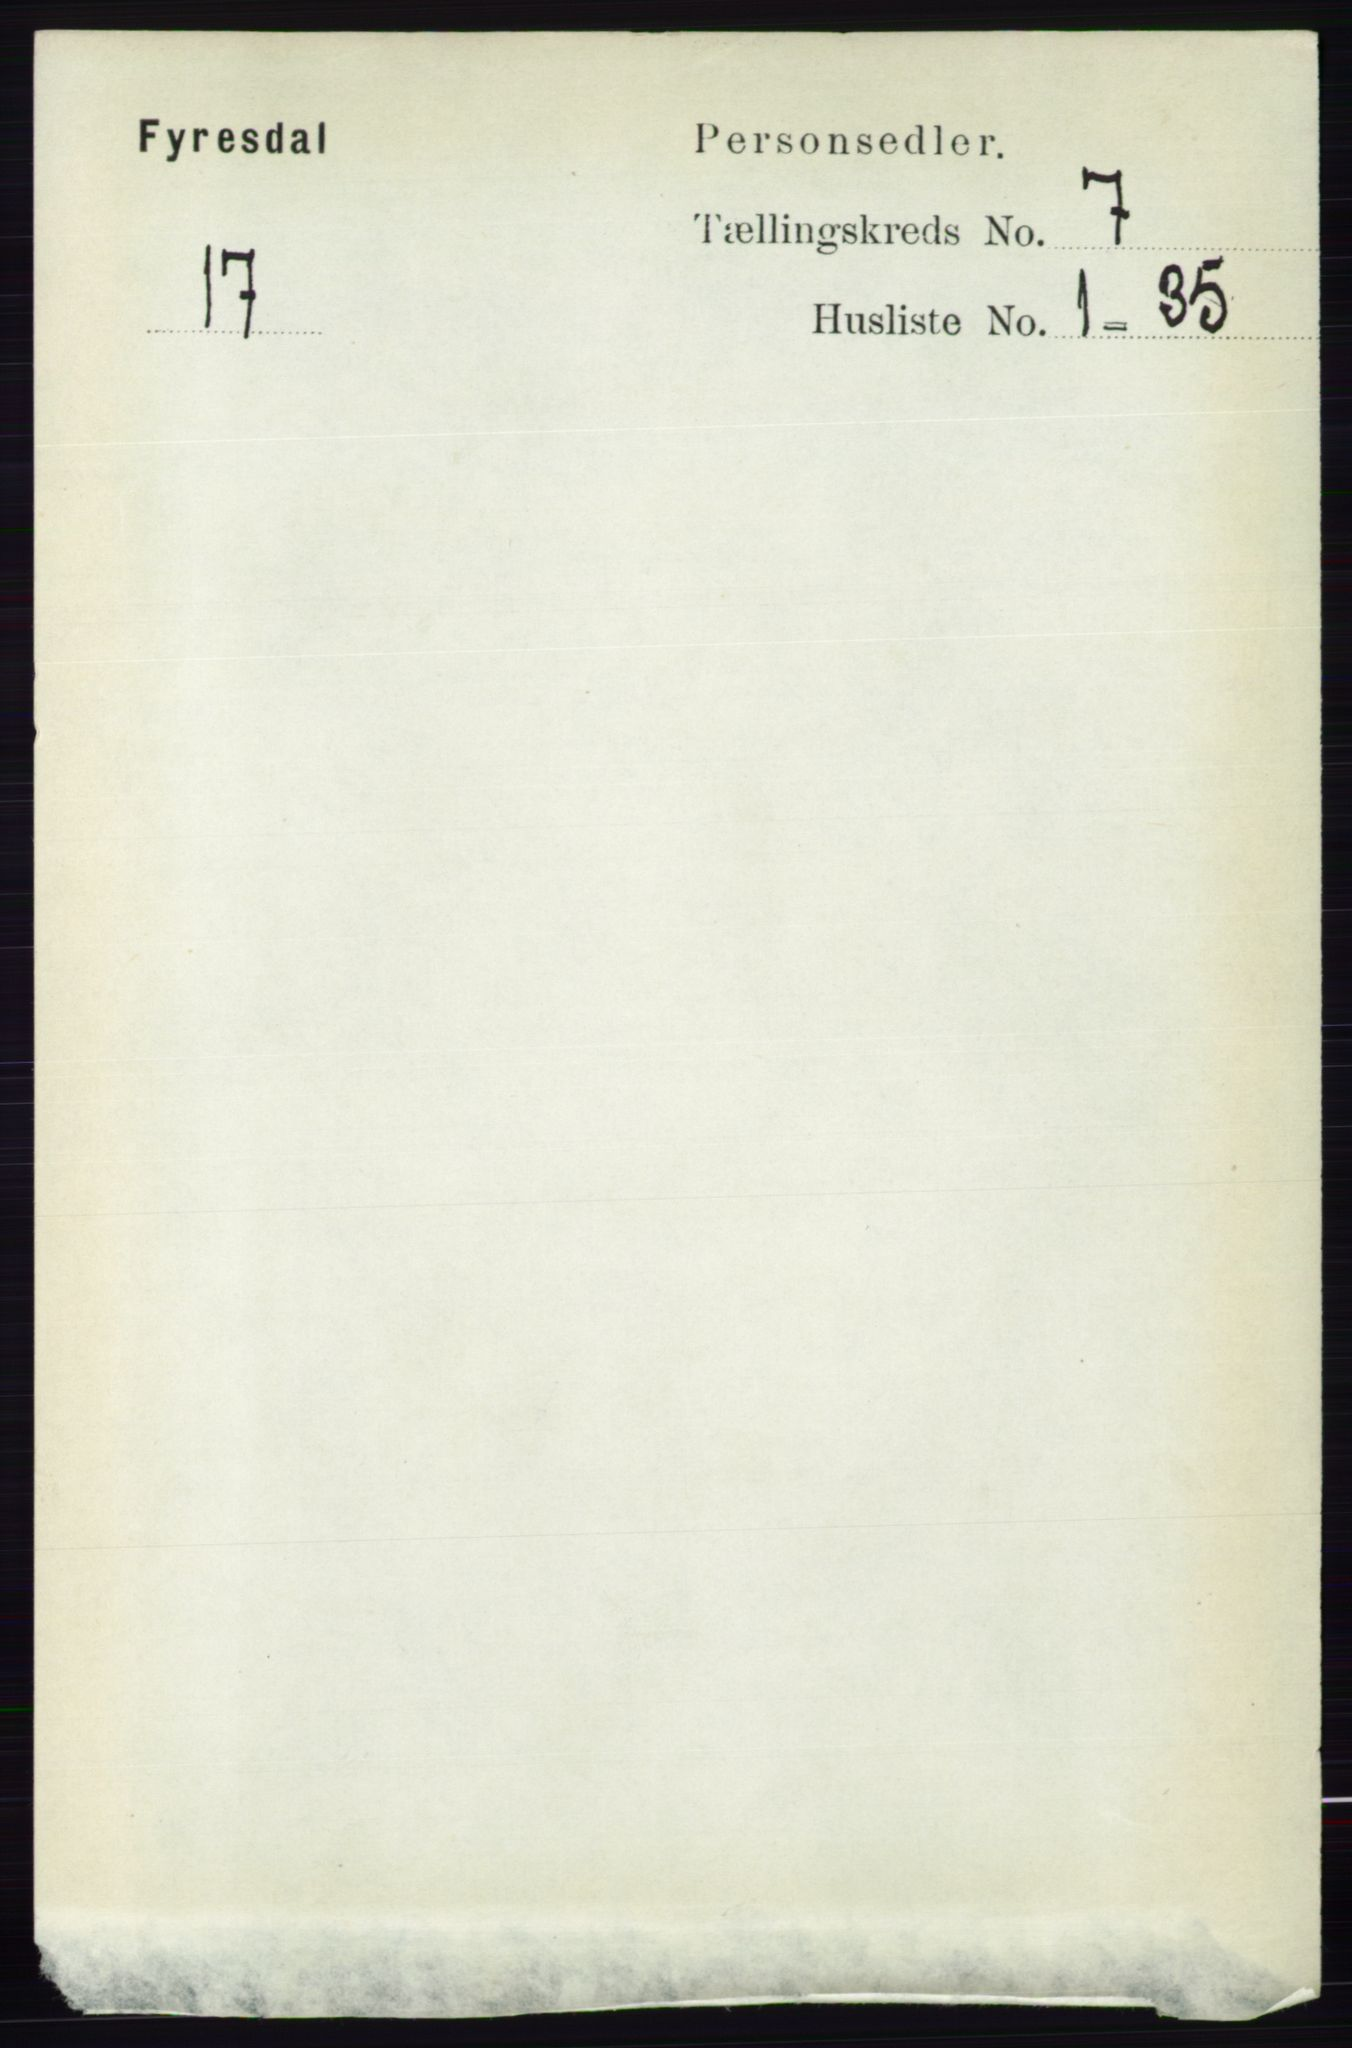 RA, Folketelling 1891 for 0831 Fyresdal herred, 1891, s. 1895